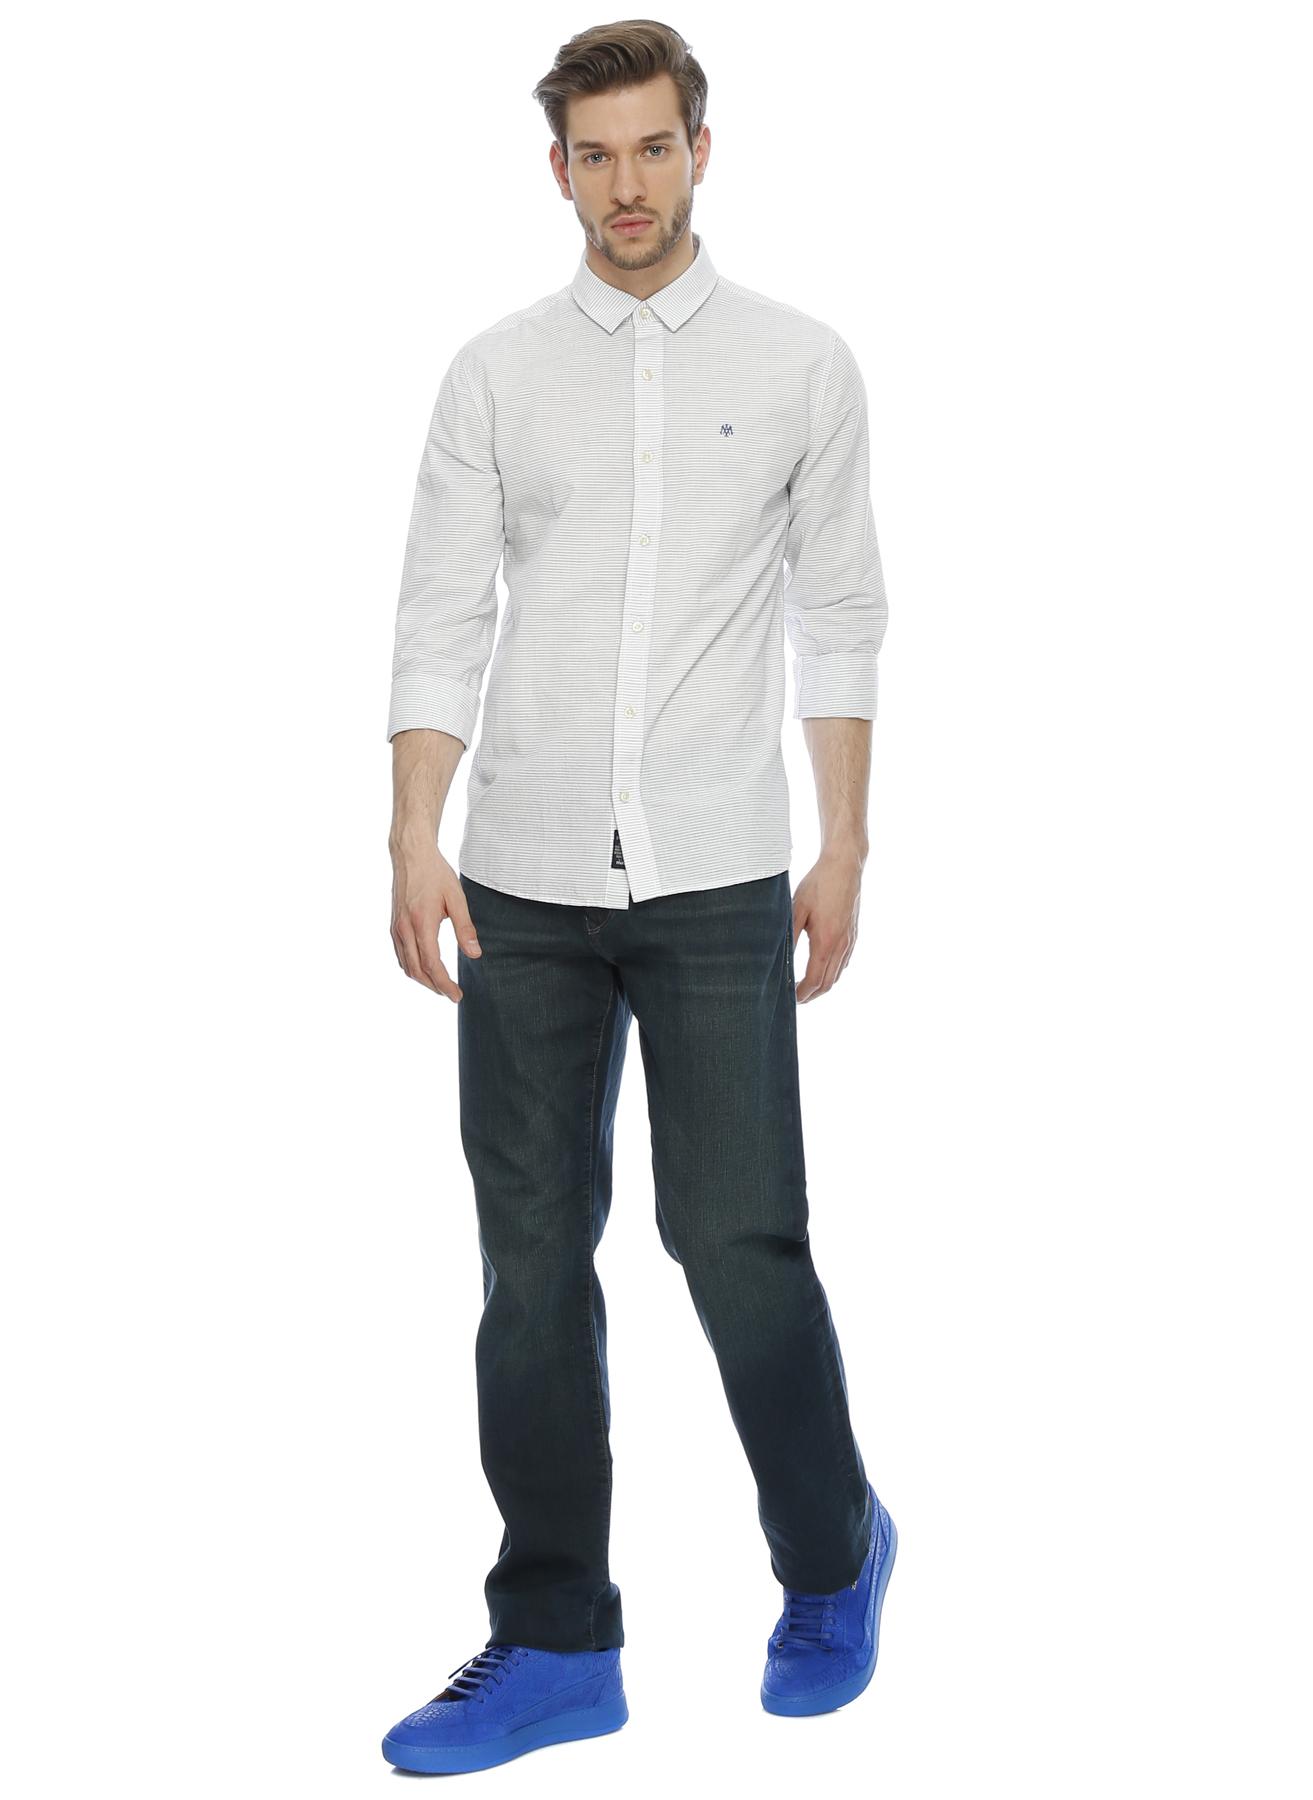 Mavi Martin Mavi Amerika Klasik Pantolon 38-32 5001819966048 Ürün Resmi